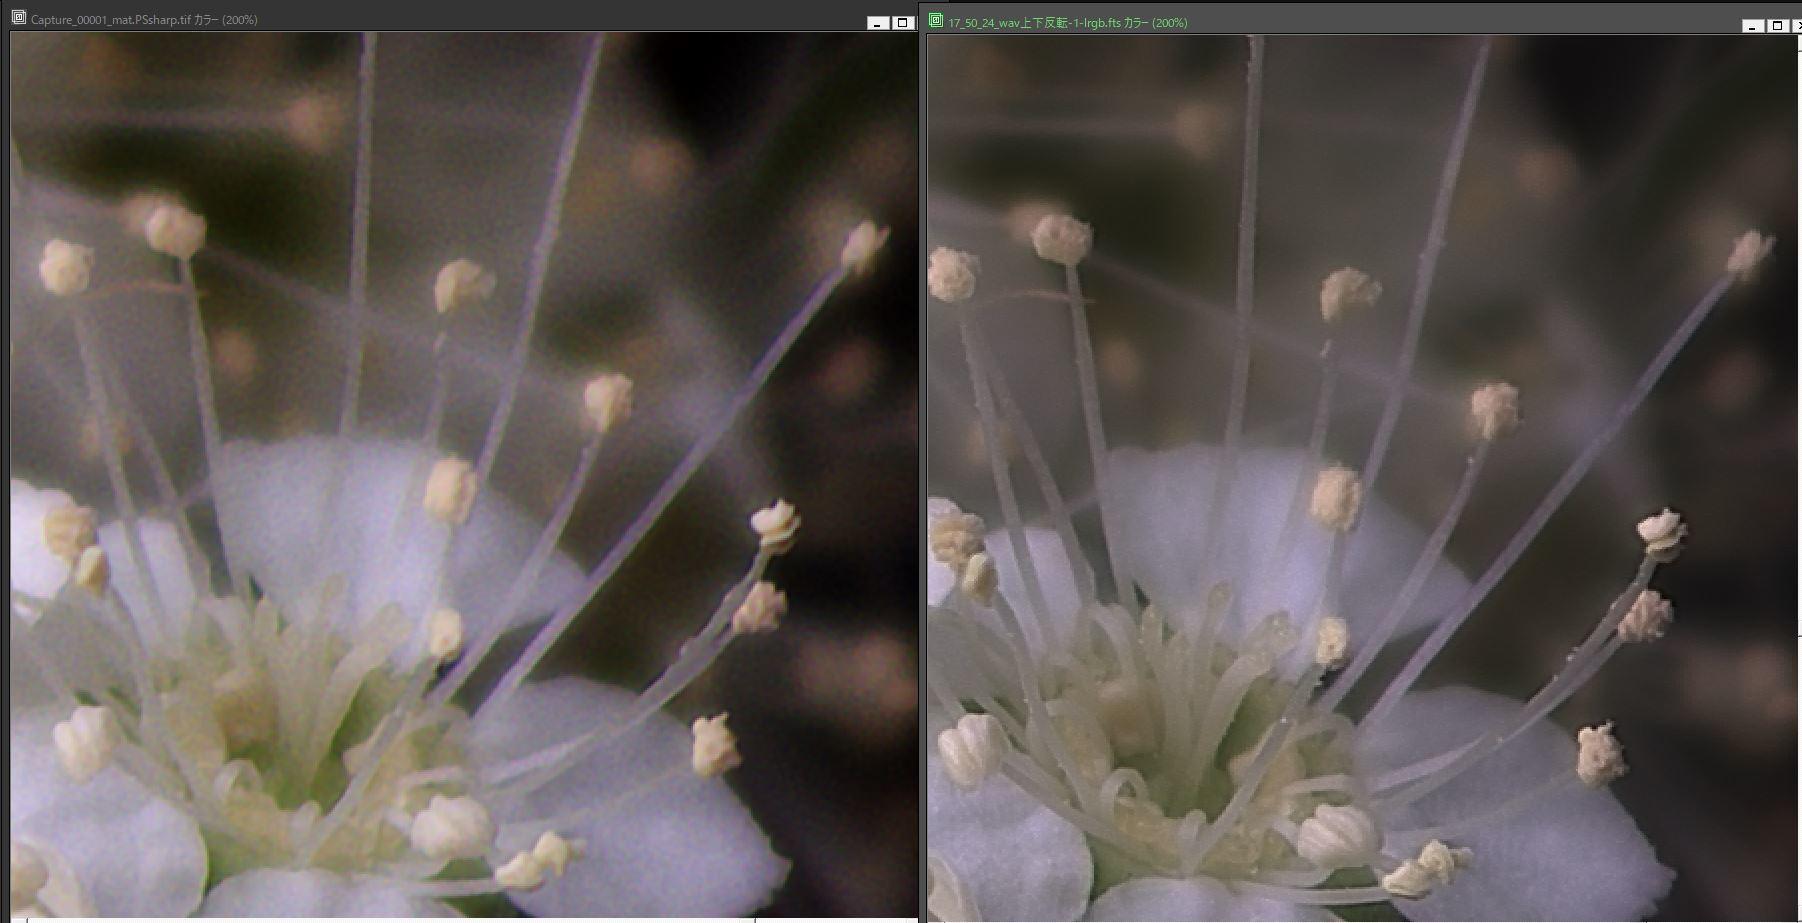 天体望遠鏡でお庭の花を撮る遊び_f0346040_22235320.jpg